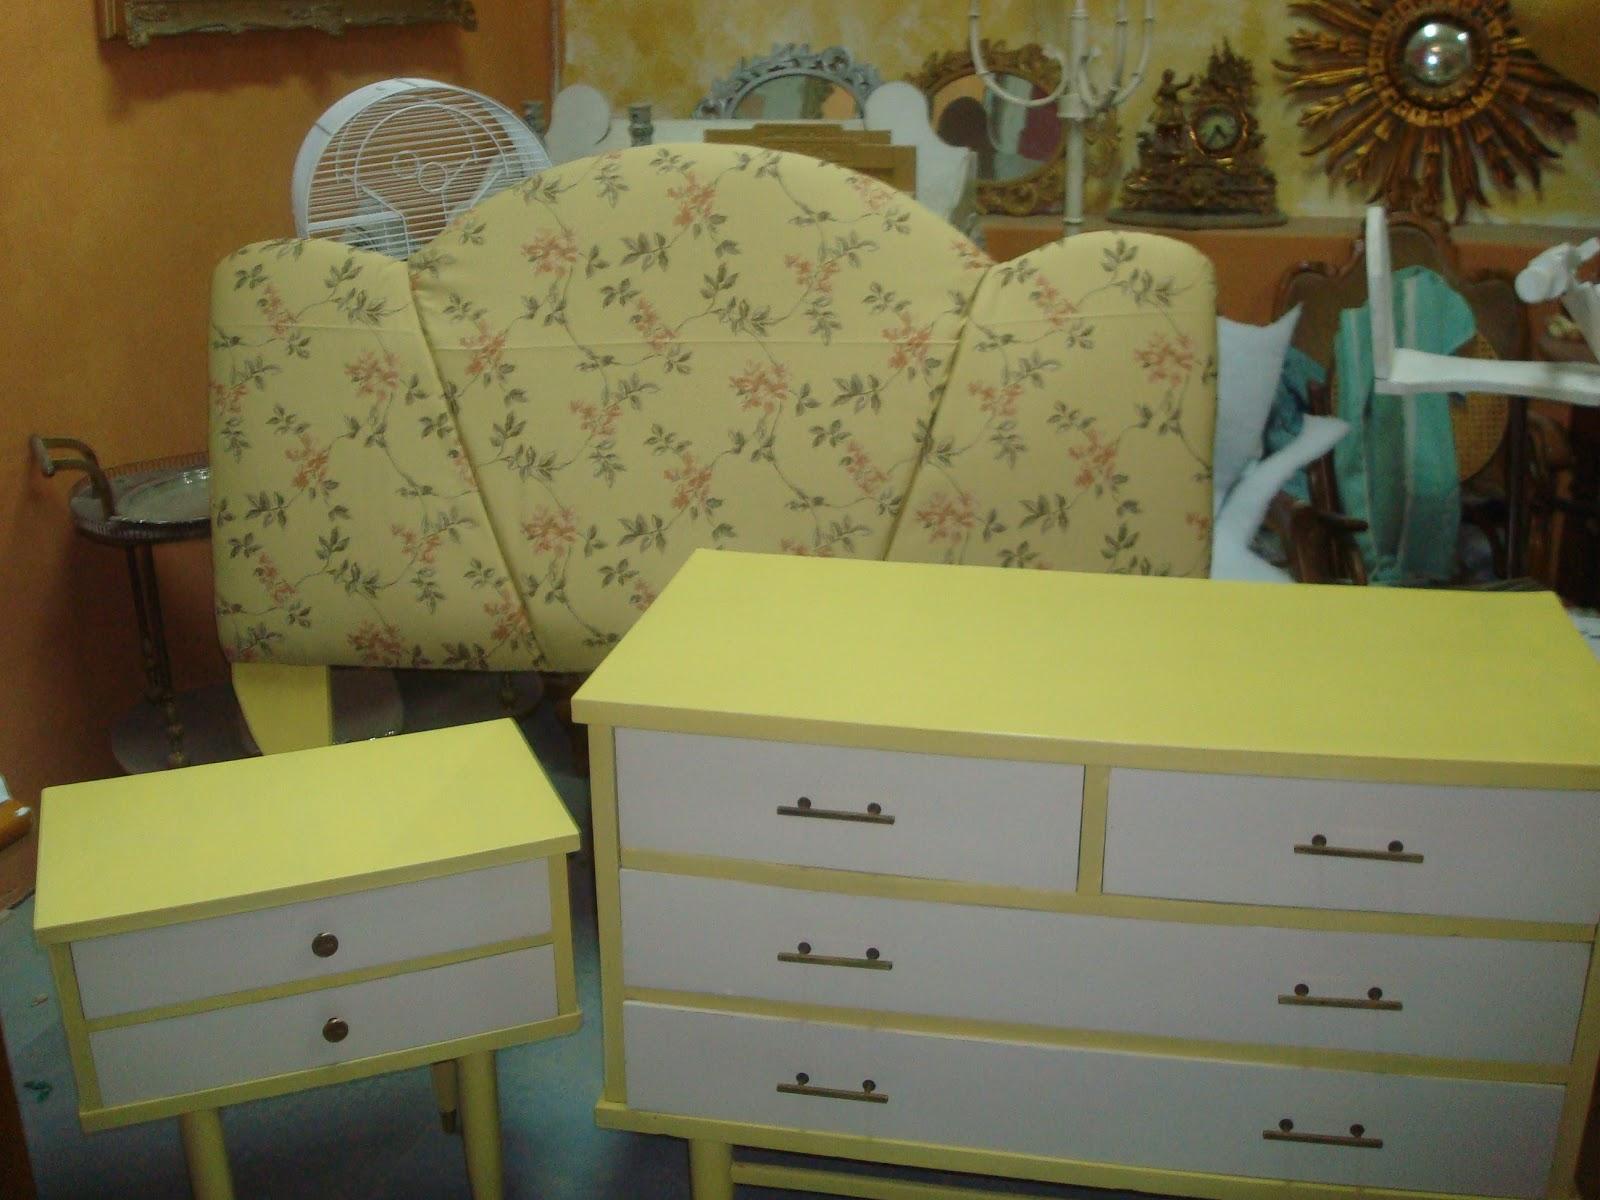 Muebles retro pintados en colores natillas - Muebles de colores pintados ...